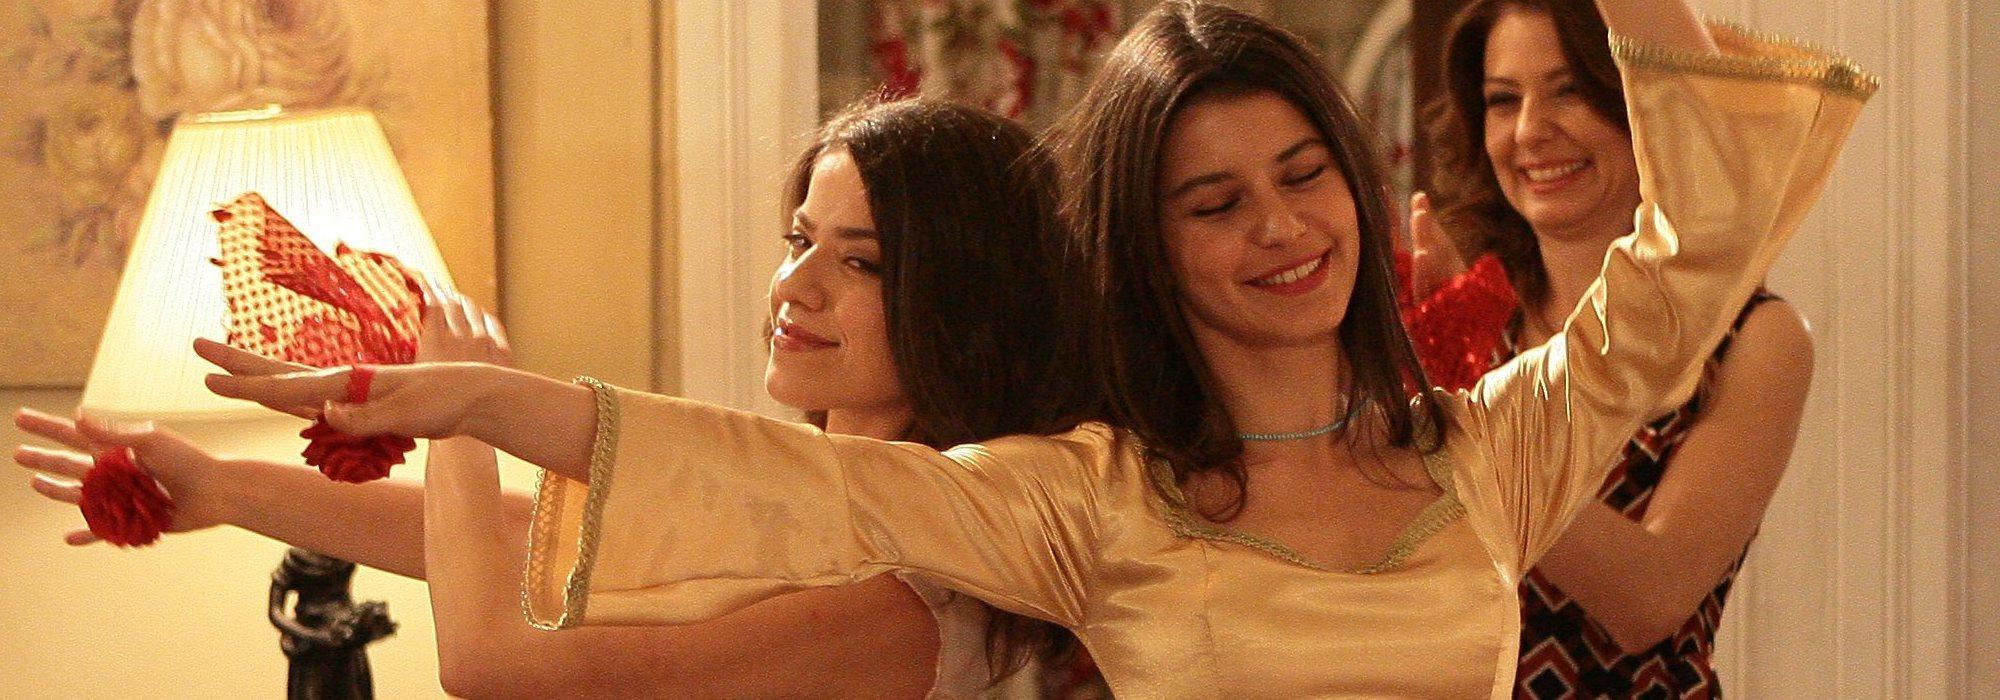 La trayectoria televisiva de Beren Saat, estrella turca de 'Amor prohibido' y 'Fatmagül'